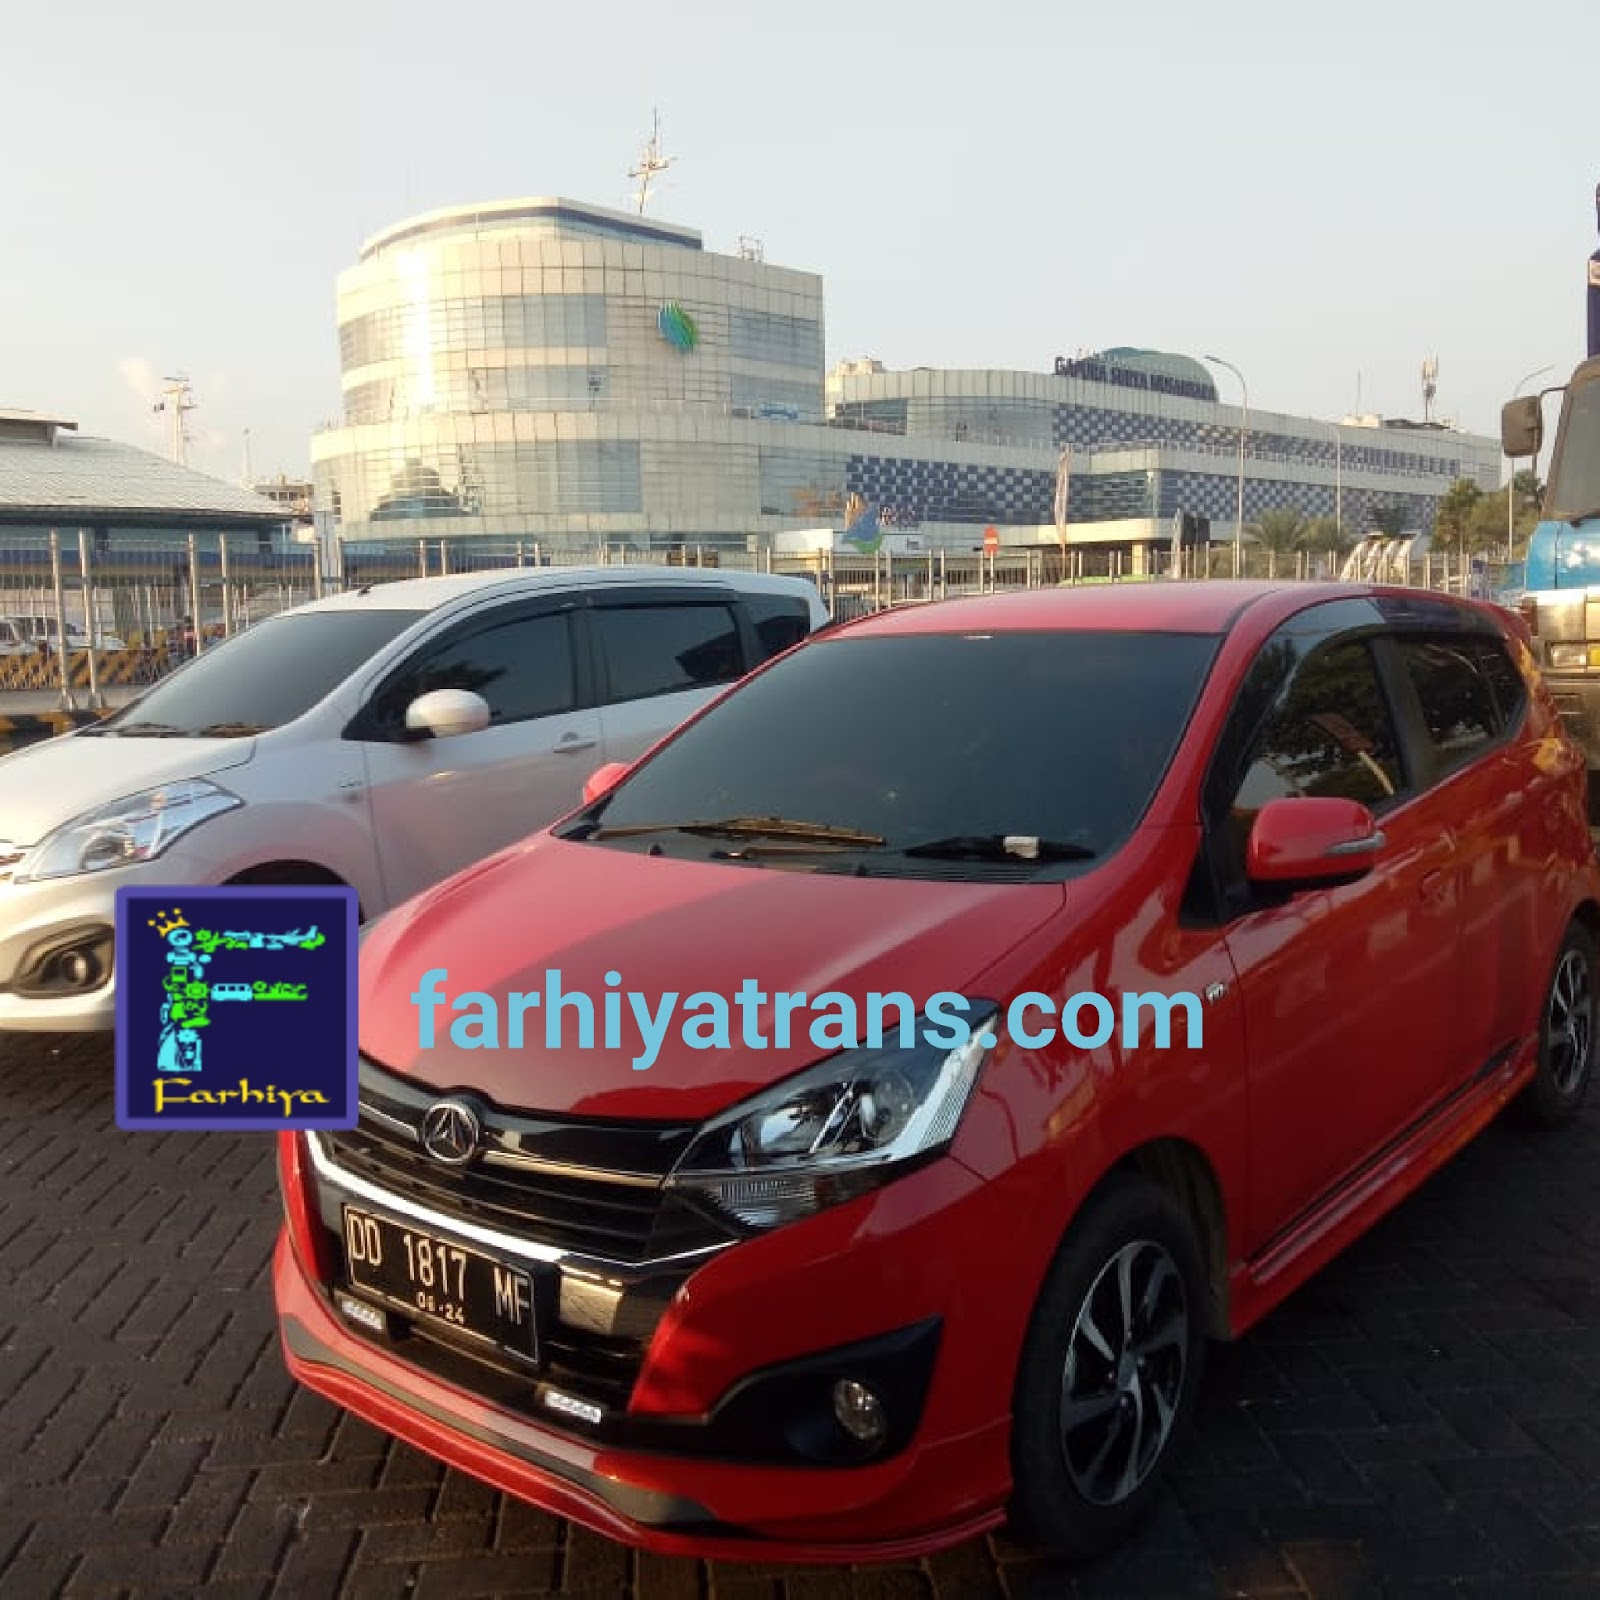 9600 Gambar Mobil Agya Surabaya HD